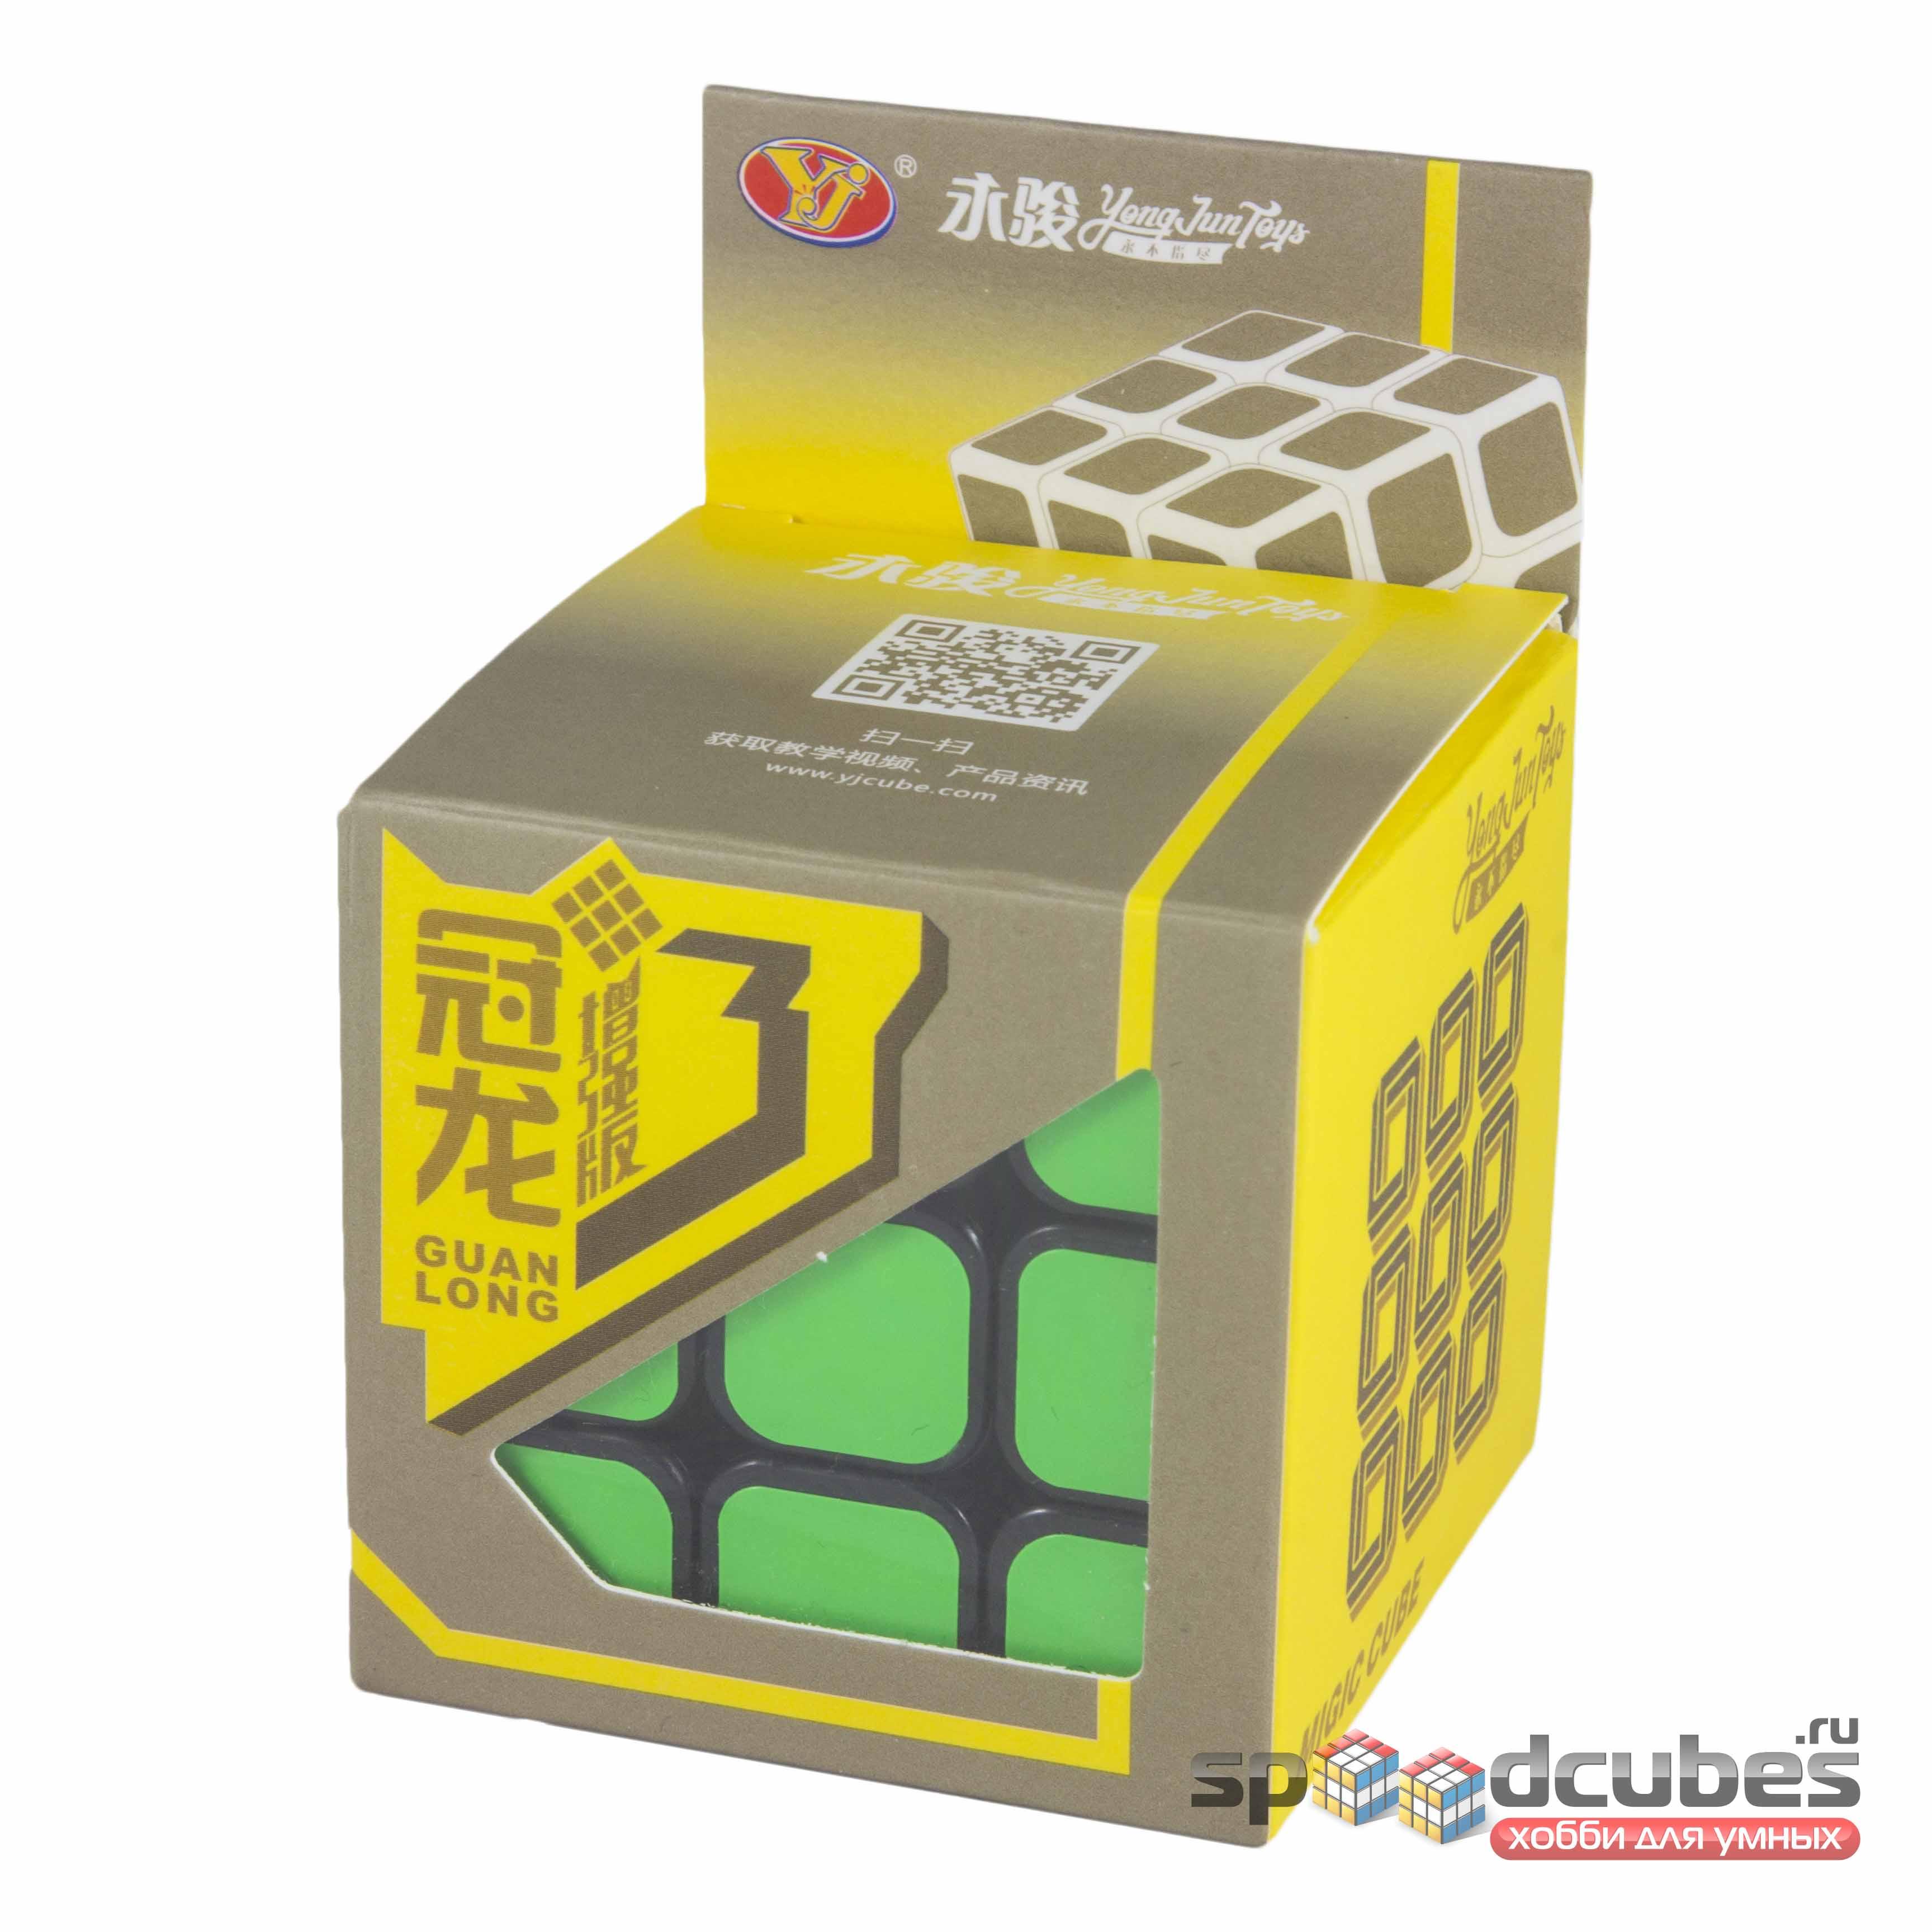 Moyu (yj) 3x3x3 Guanlong V3 Black 2